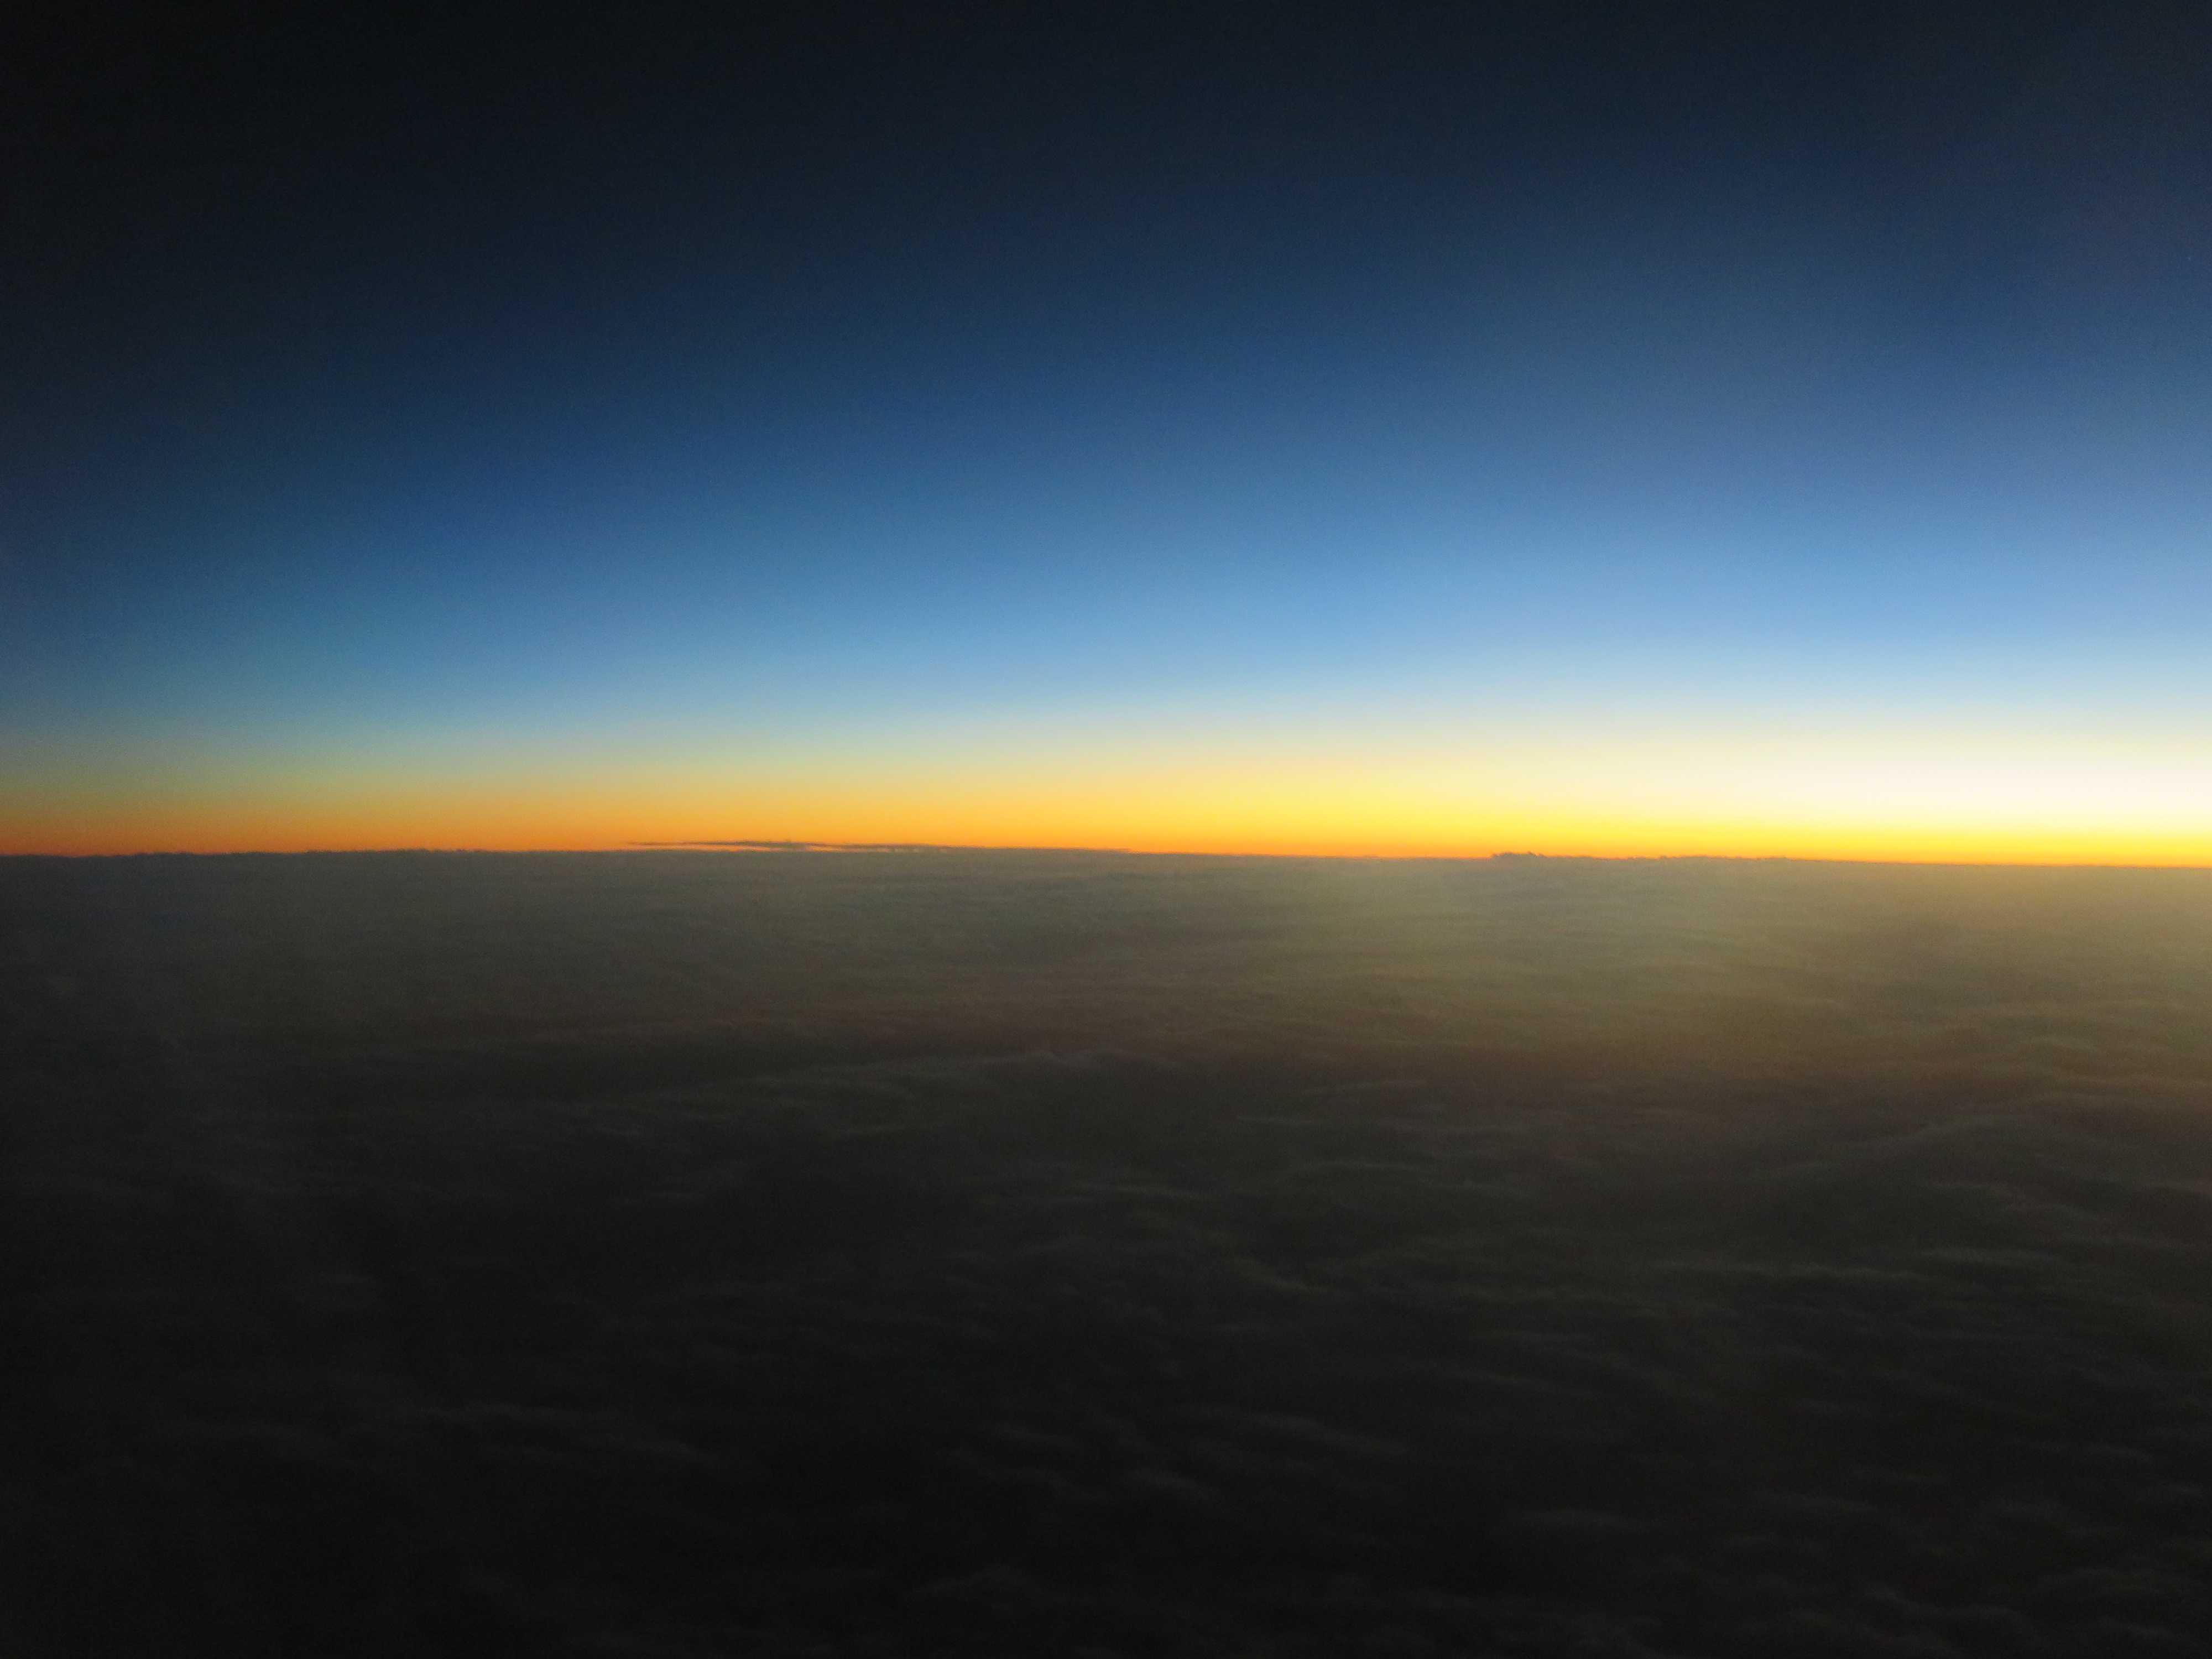 ジェットスター - 美しい空の上